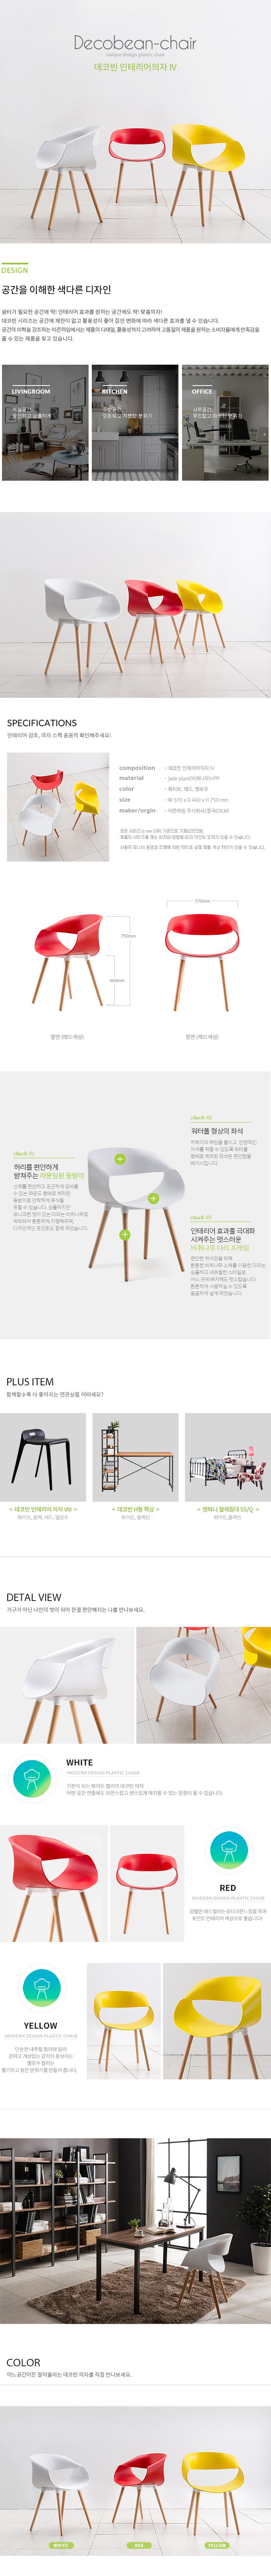 데코빈 인테리어의자4 - 미즌하임, 54,900원, 디자인 의자, 인테리어의자